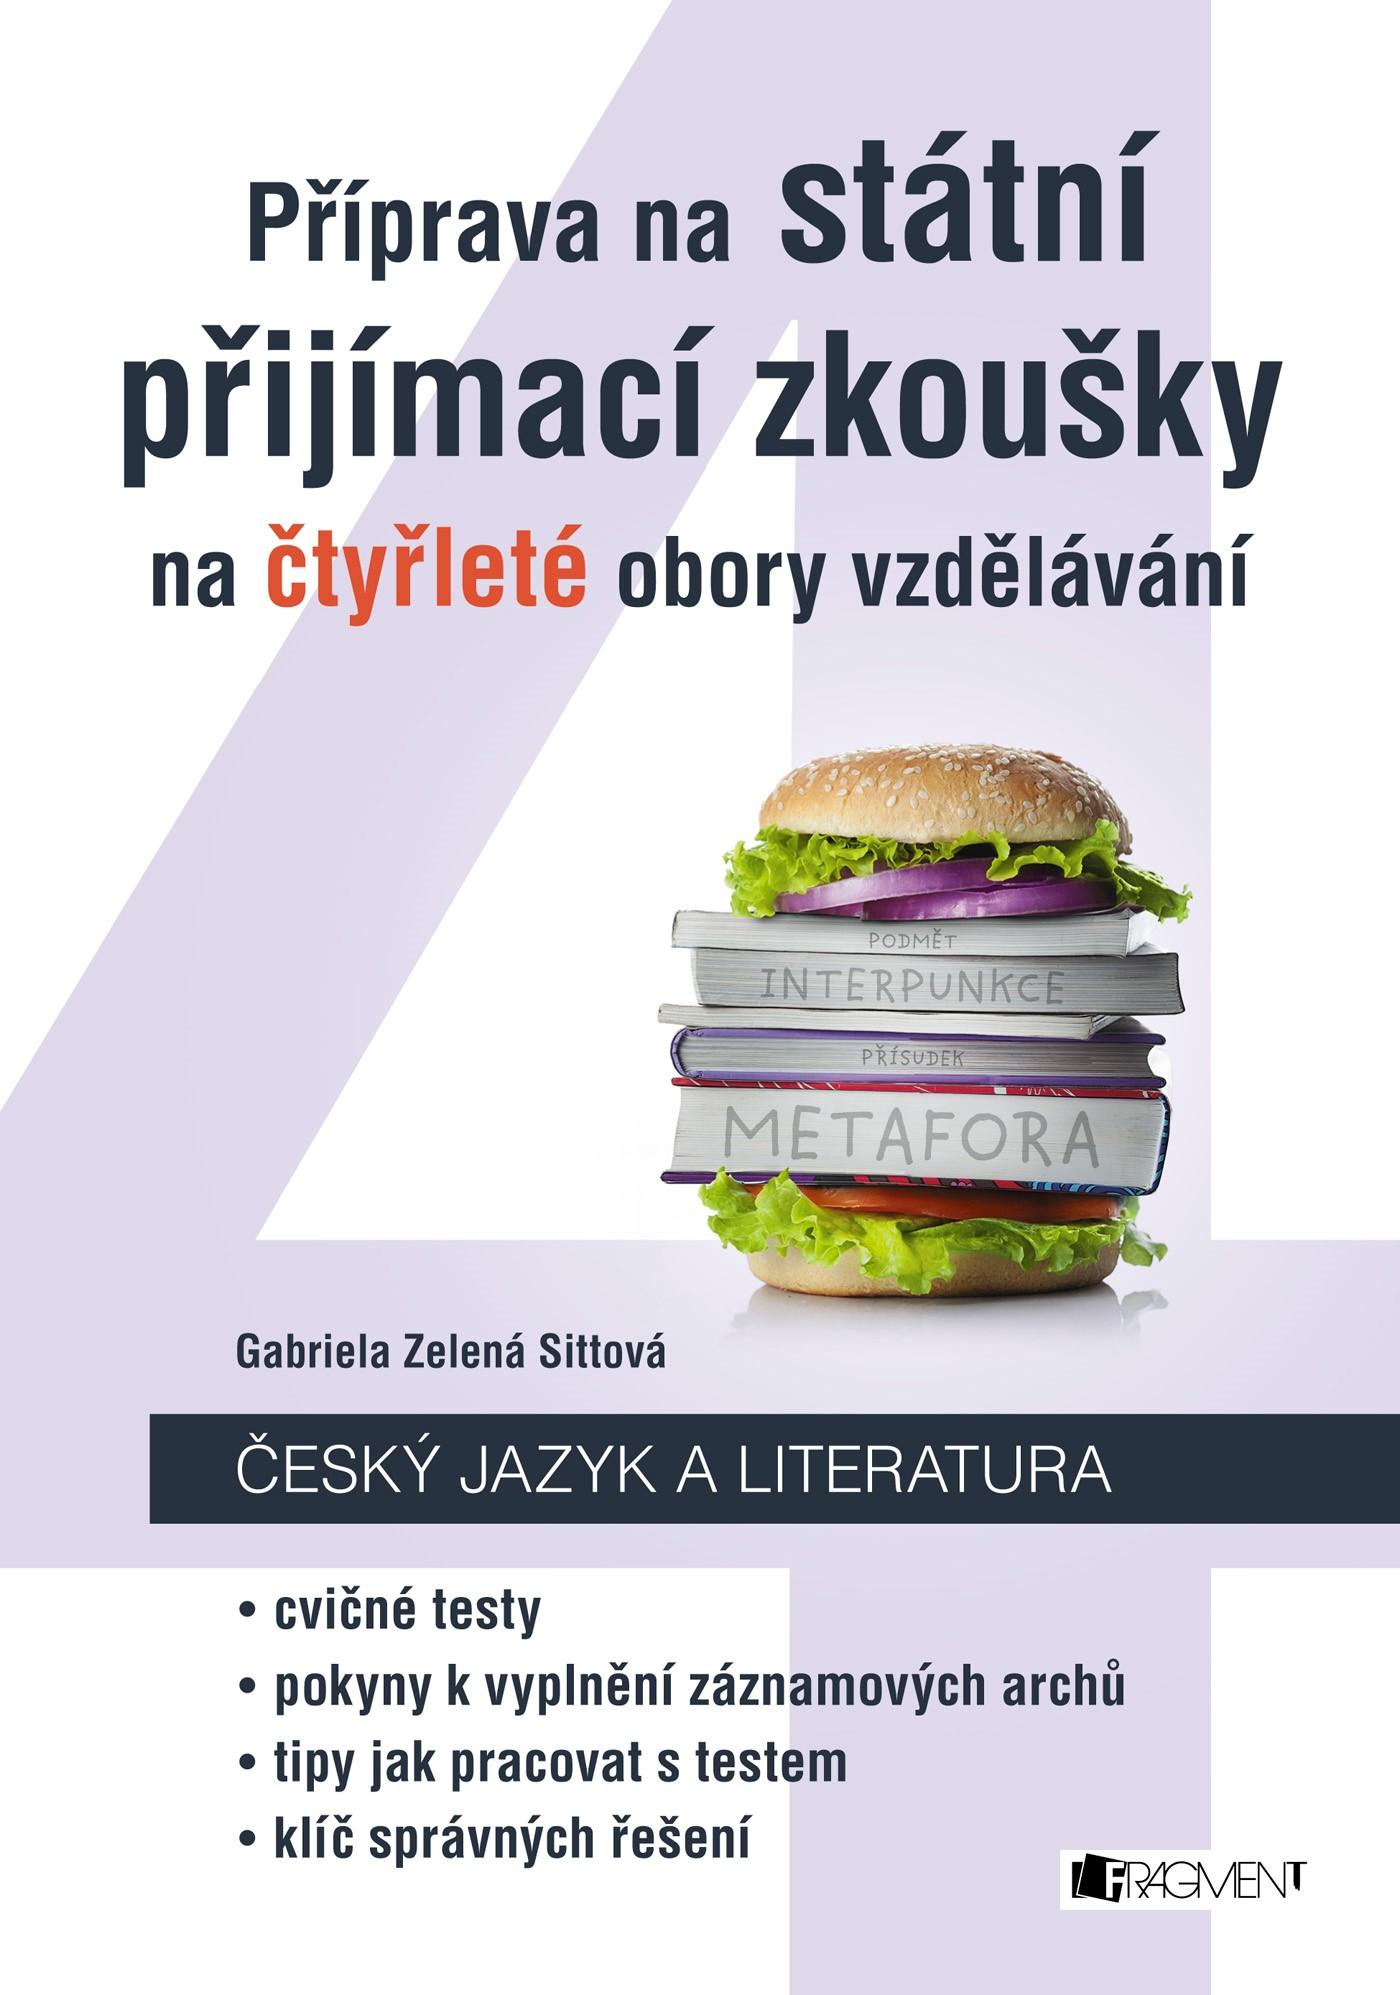 Příprava na státní přijímací zkoušky na čtyřleté obory vzdělávání - Český jazyk | Gabriela Zelená Sittová